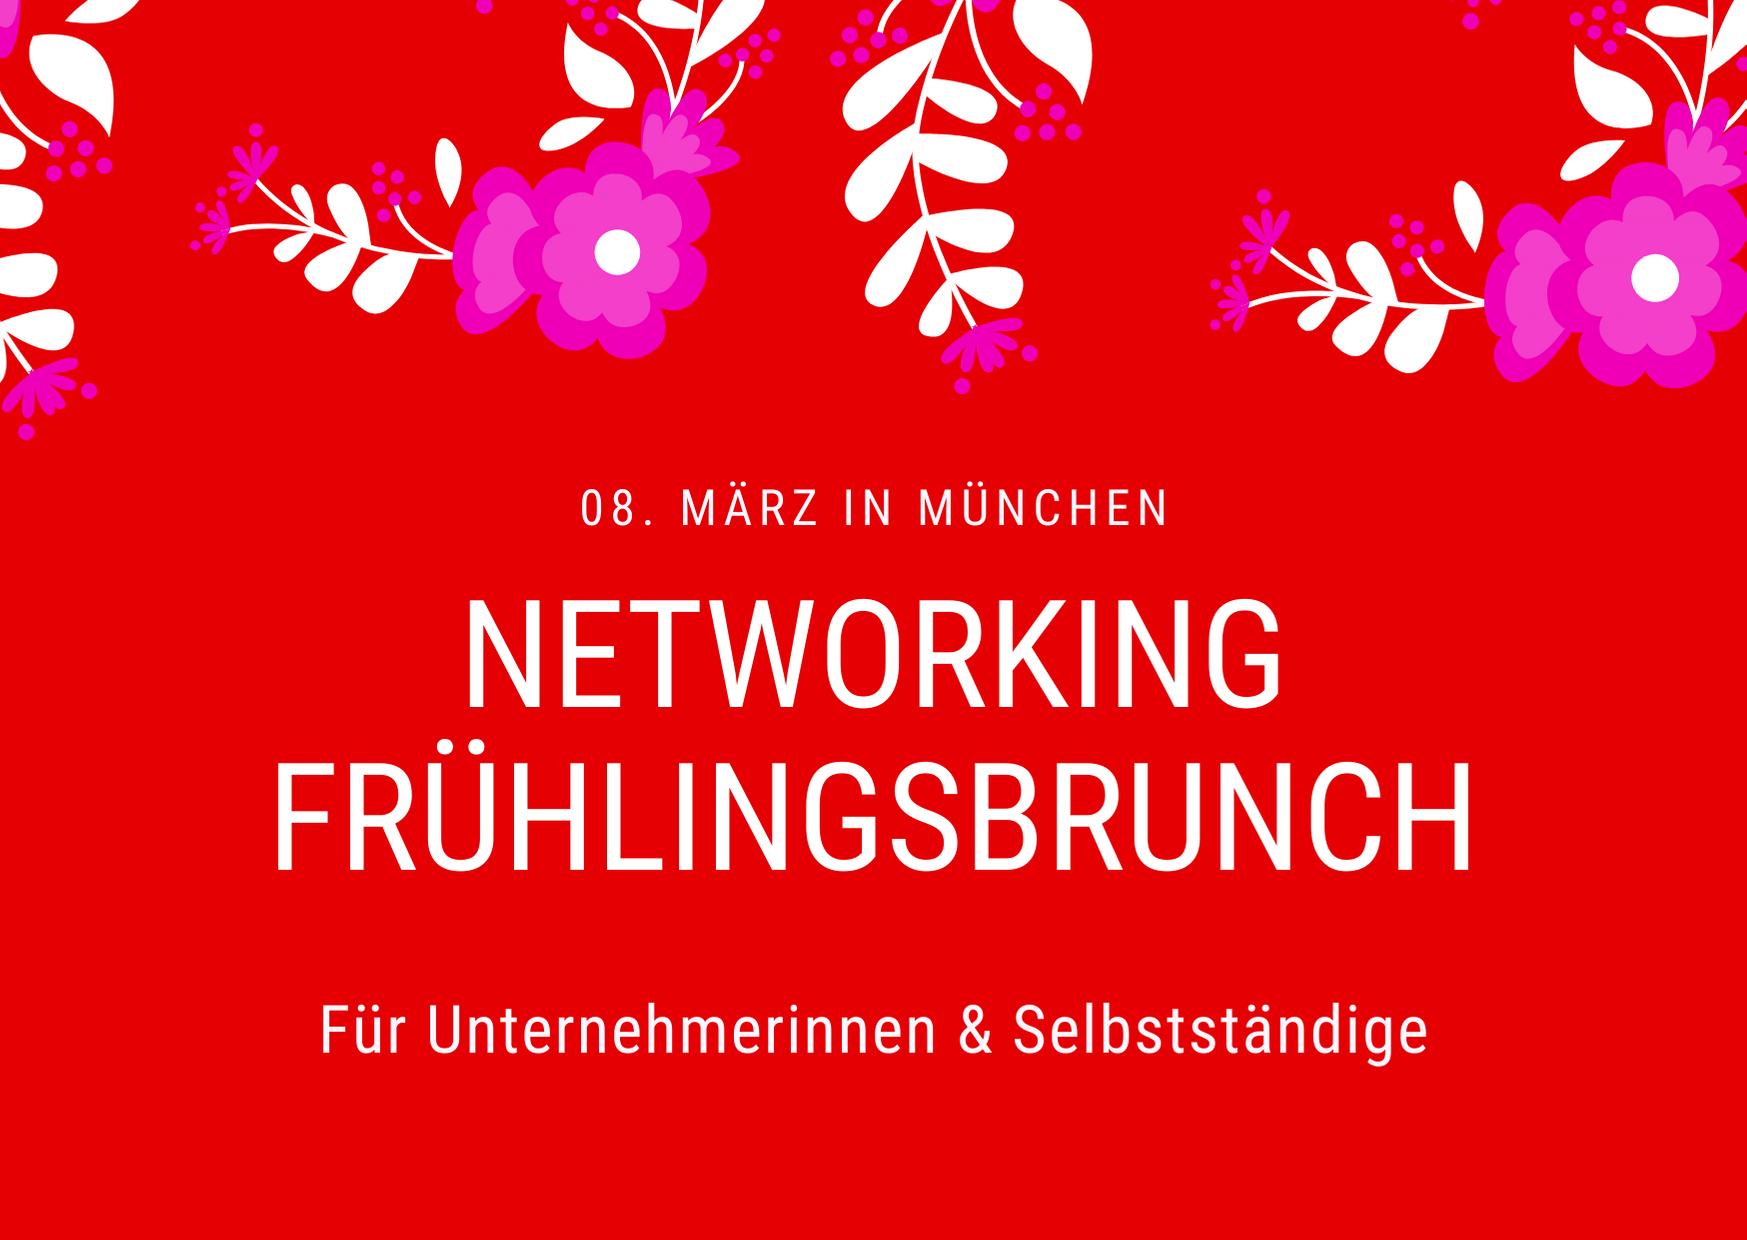 Networking Frühlingsbrunch für Unternehmerinnen